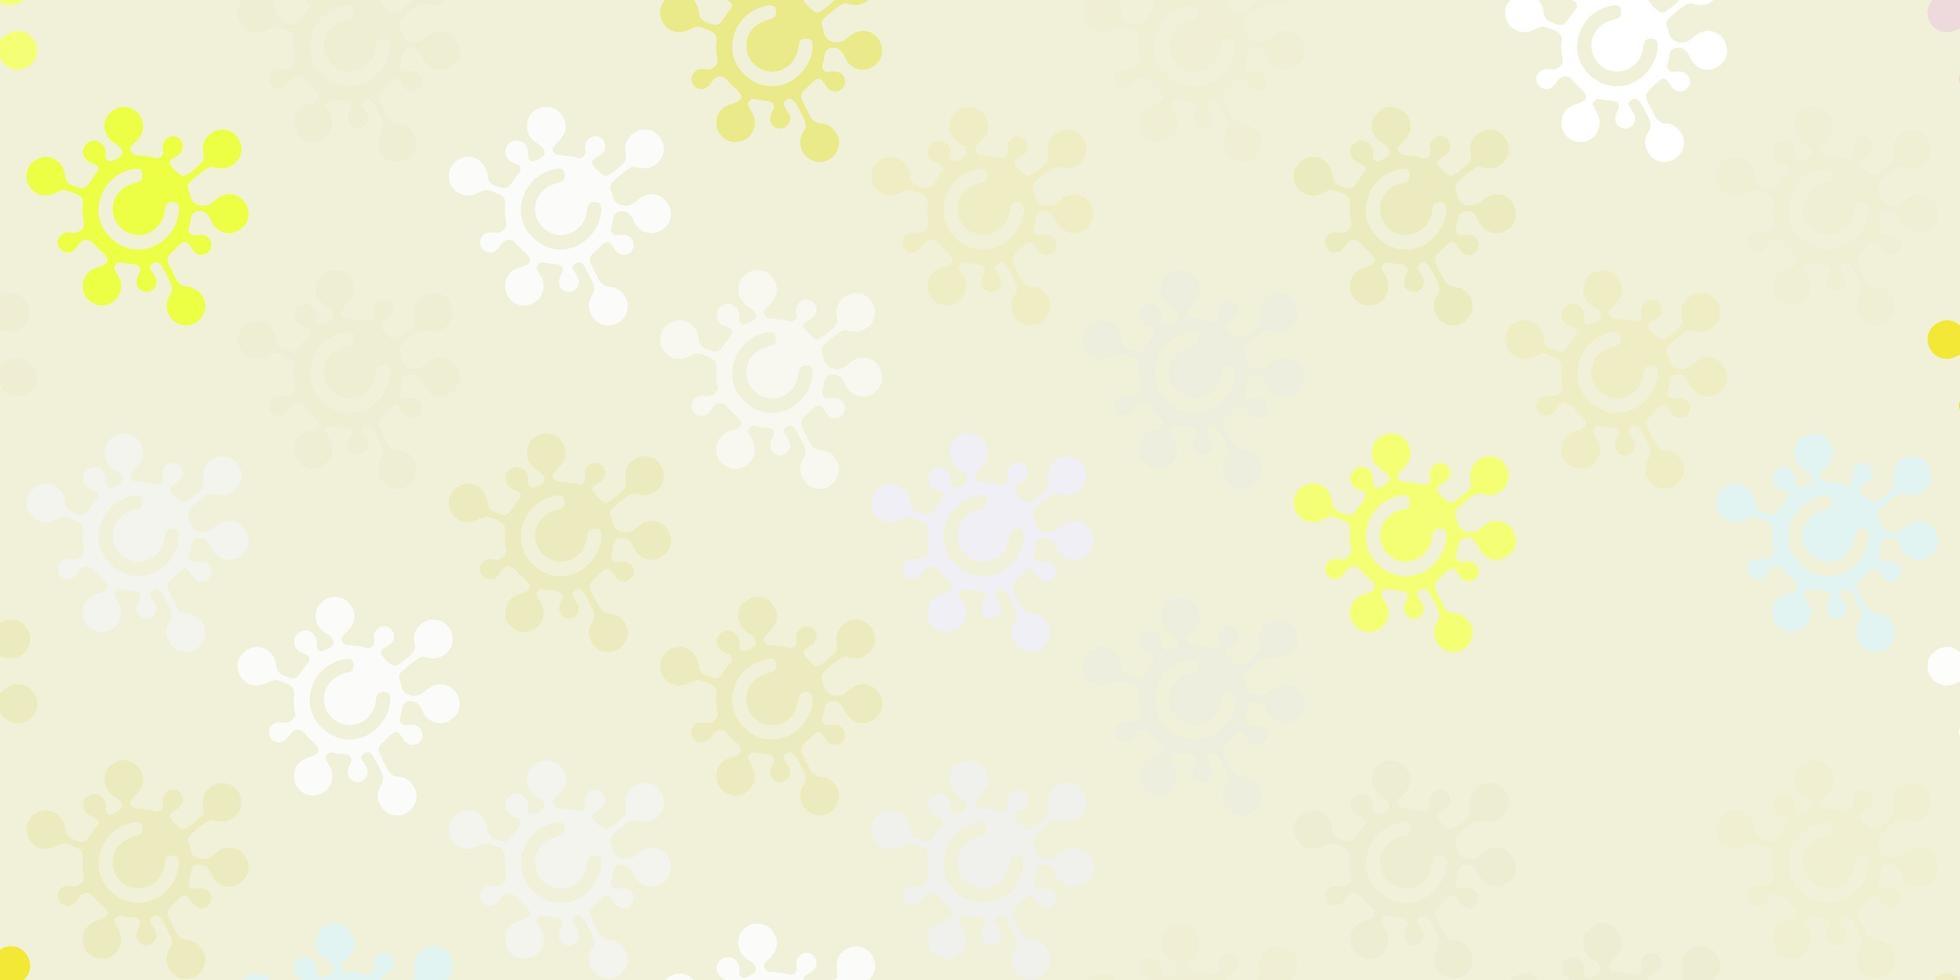 licht veelkleurige vectortextuur met ziektesymbolen vector